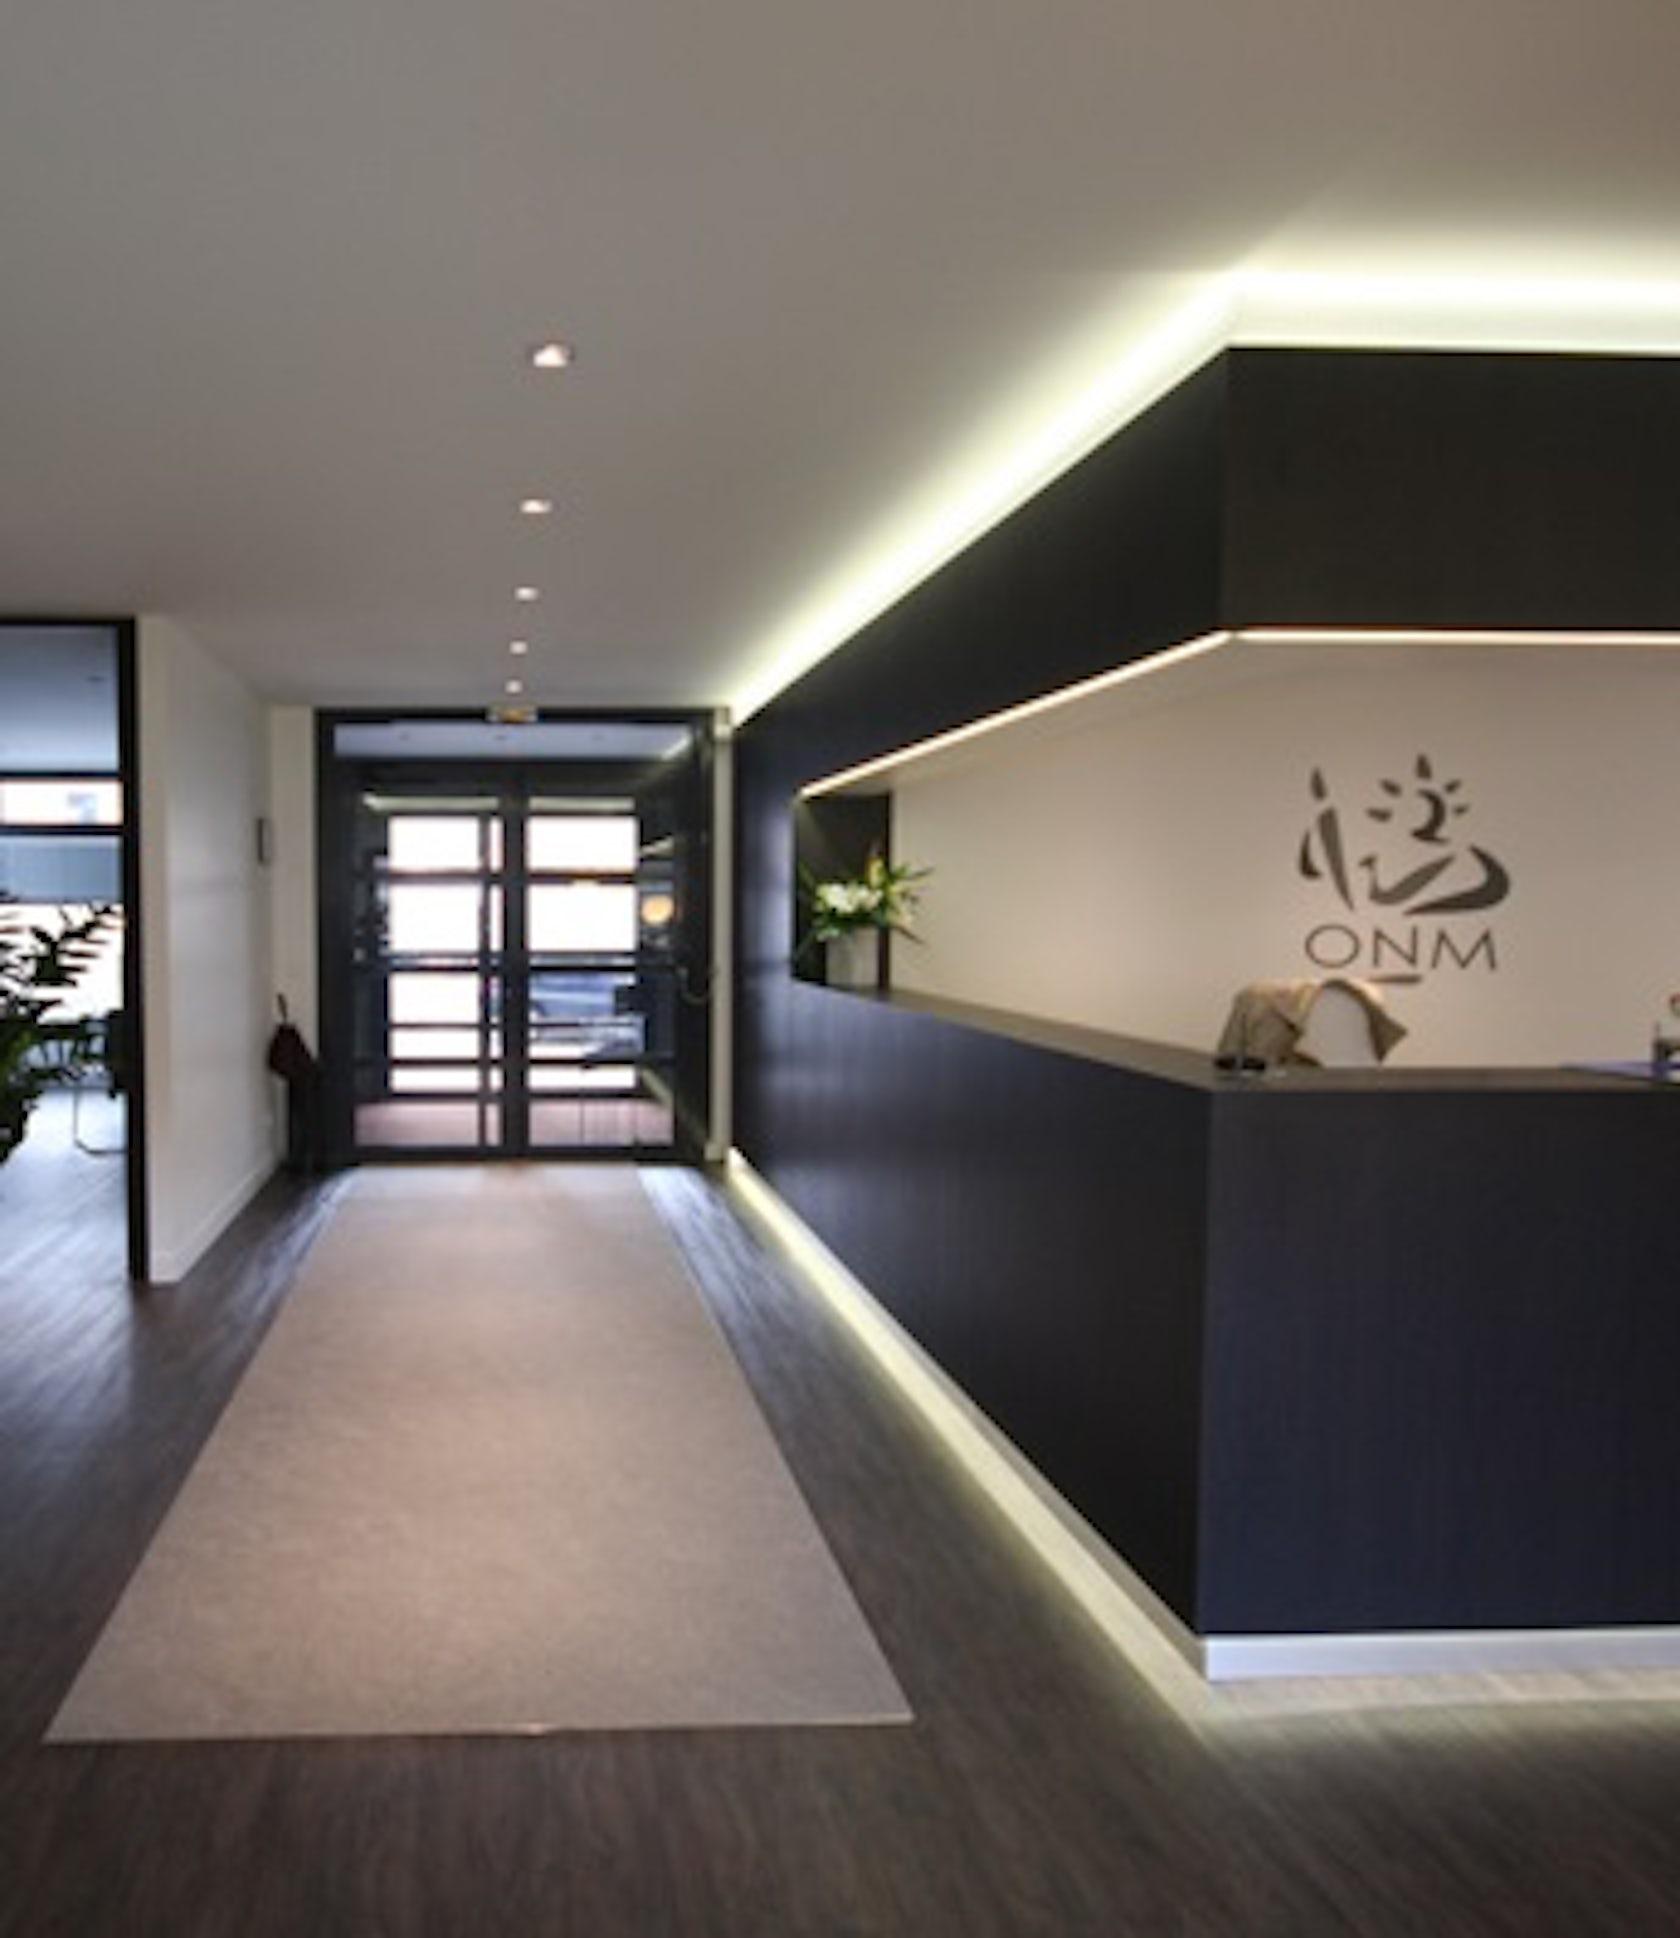 Am nagement d 39 un office notarial architizer - Bureau d architecte alinea ...